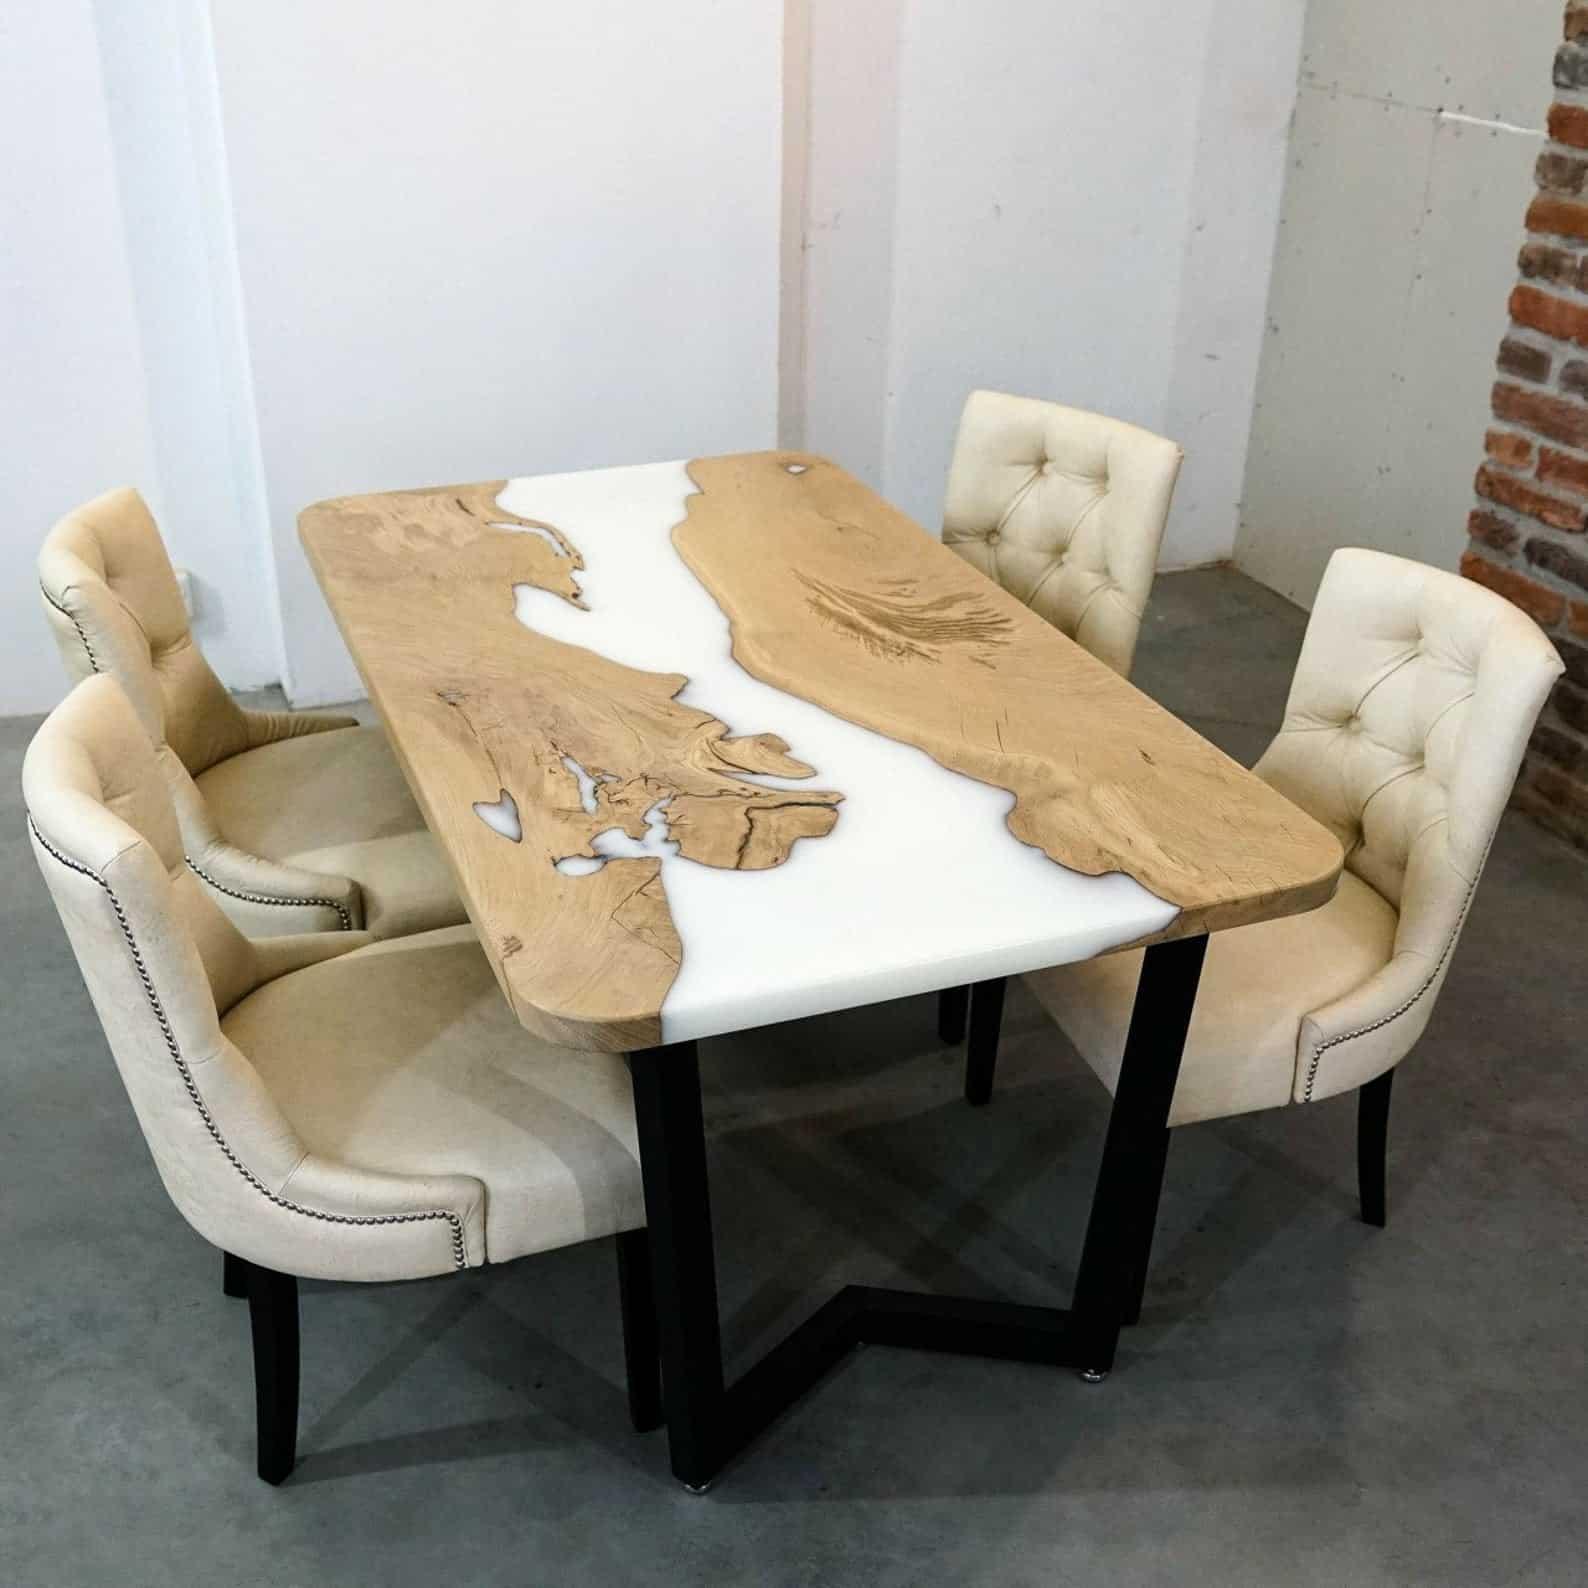 Woodstock's epoxy live edge dining room table